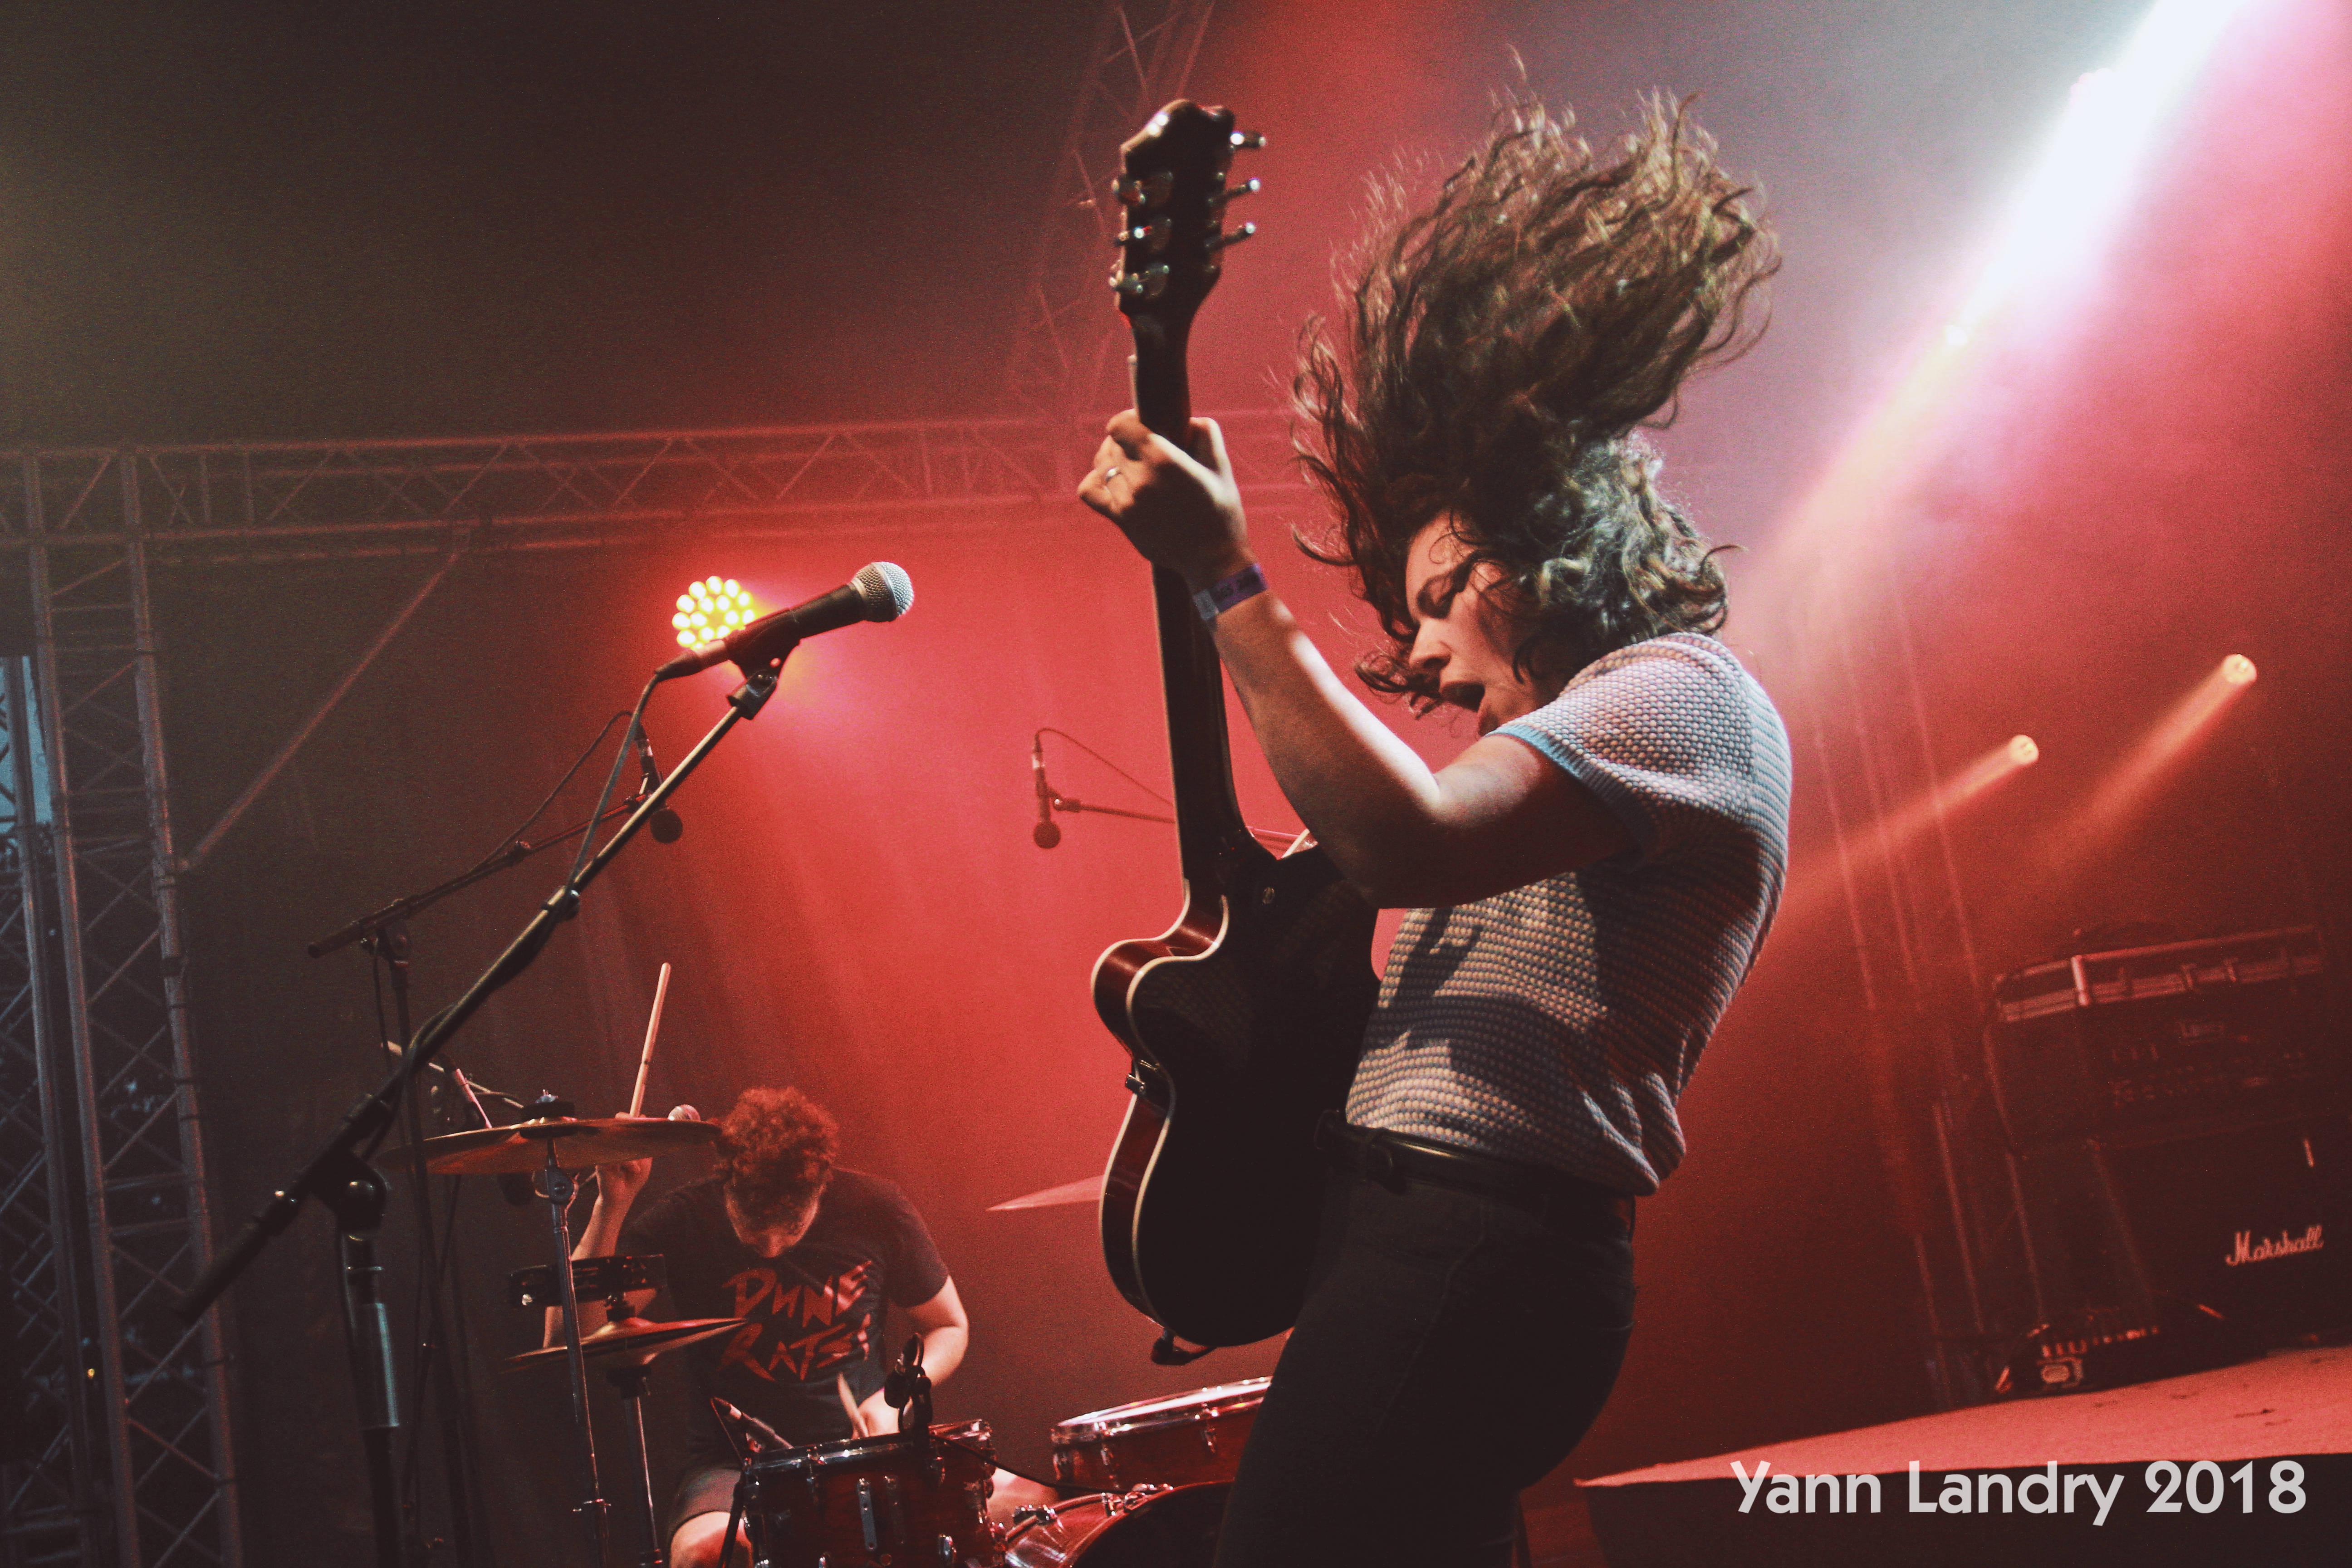 cheveux en l'air, Jack White, Popolopopopo, Yann Landry, Rock